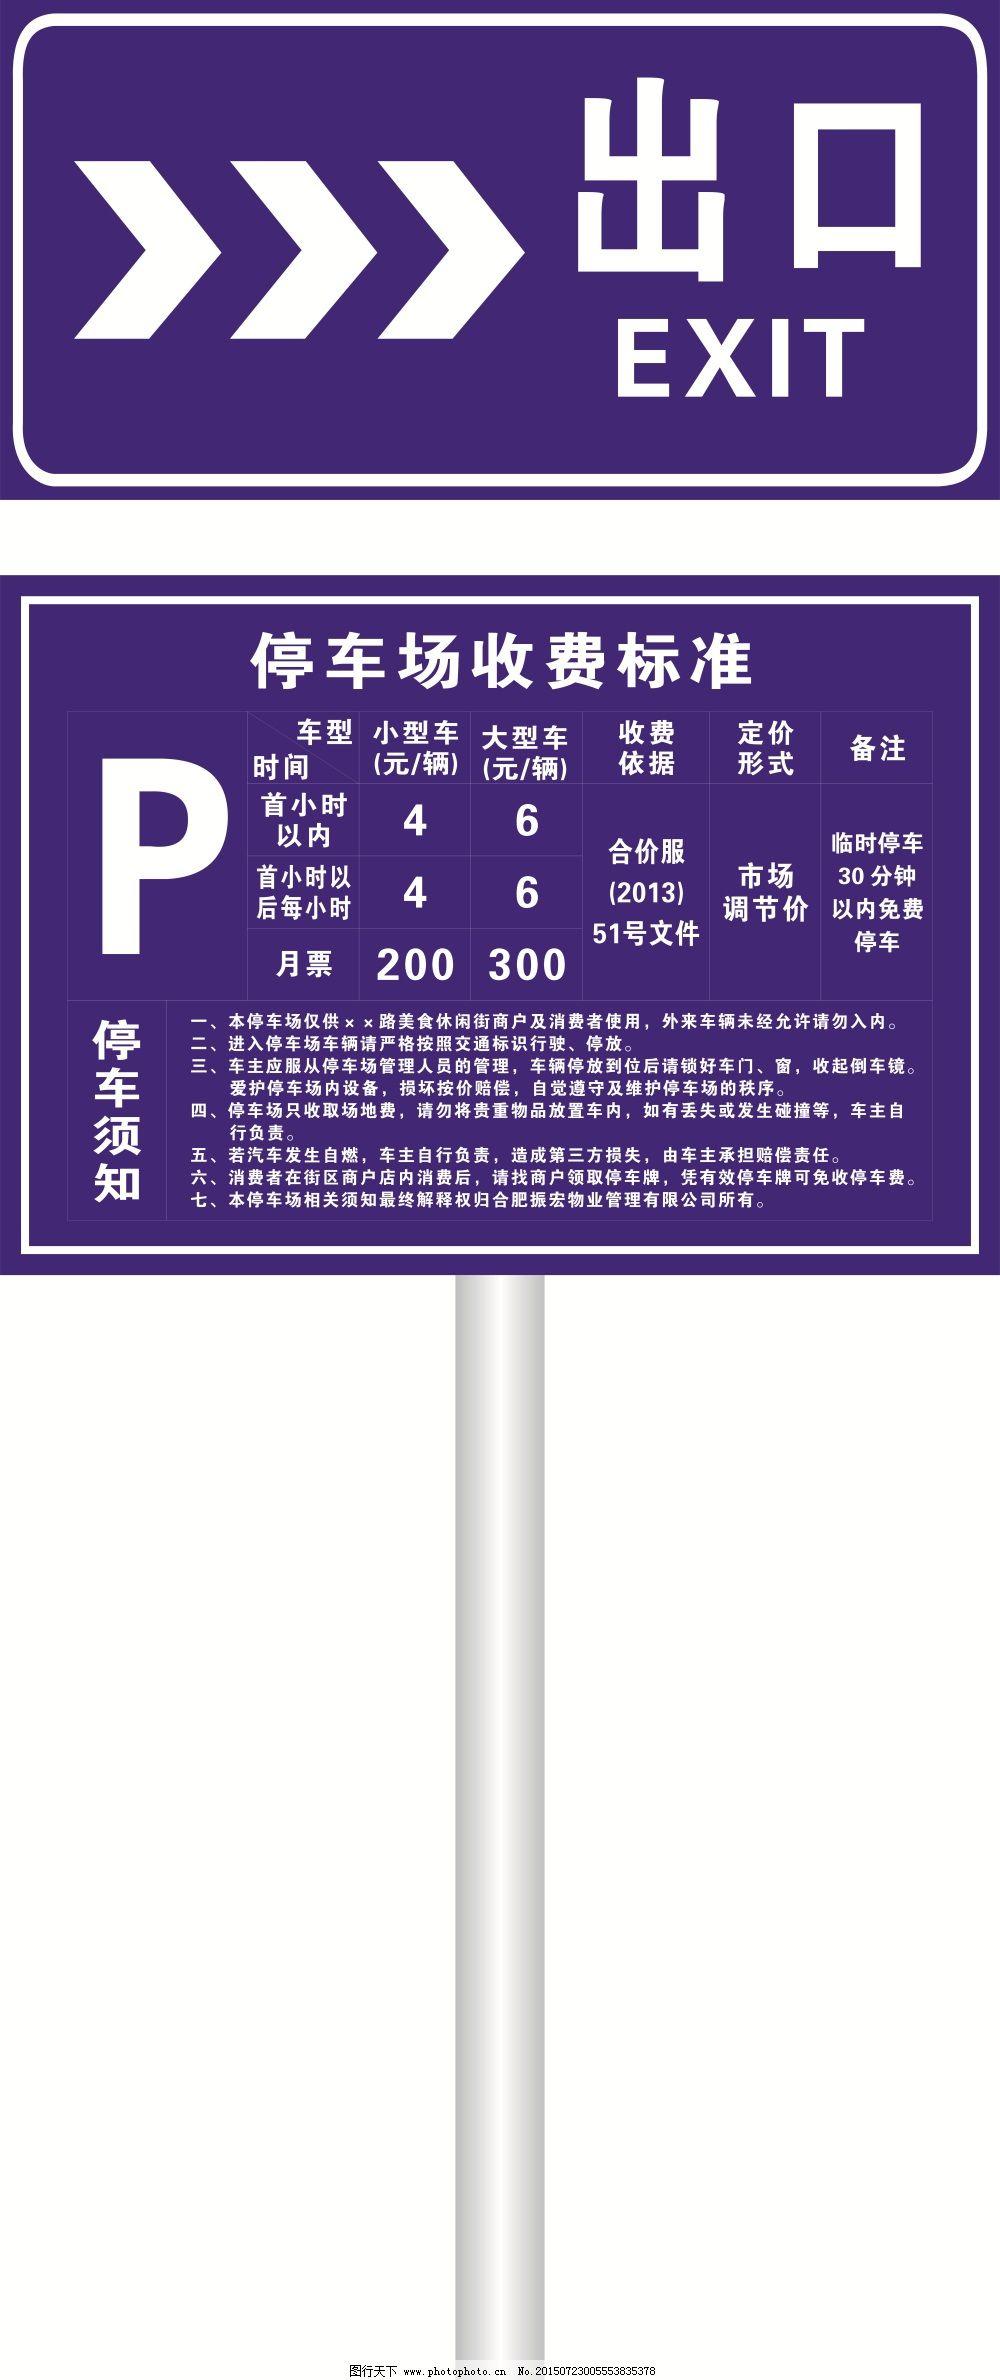 停车场收费标准及效果图